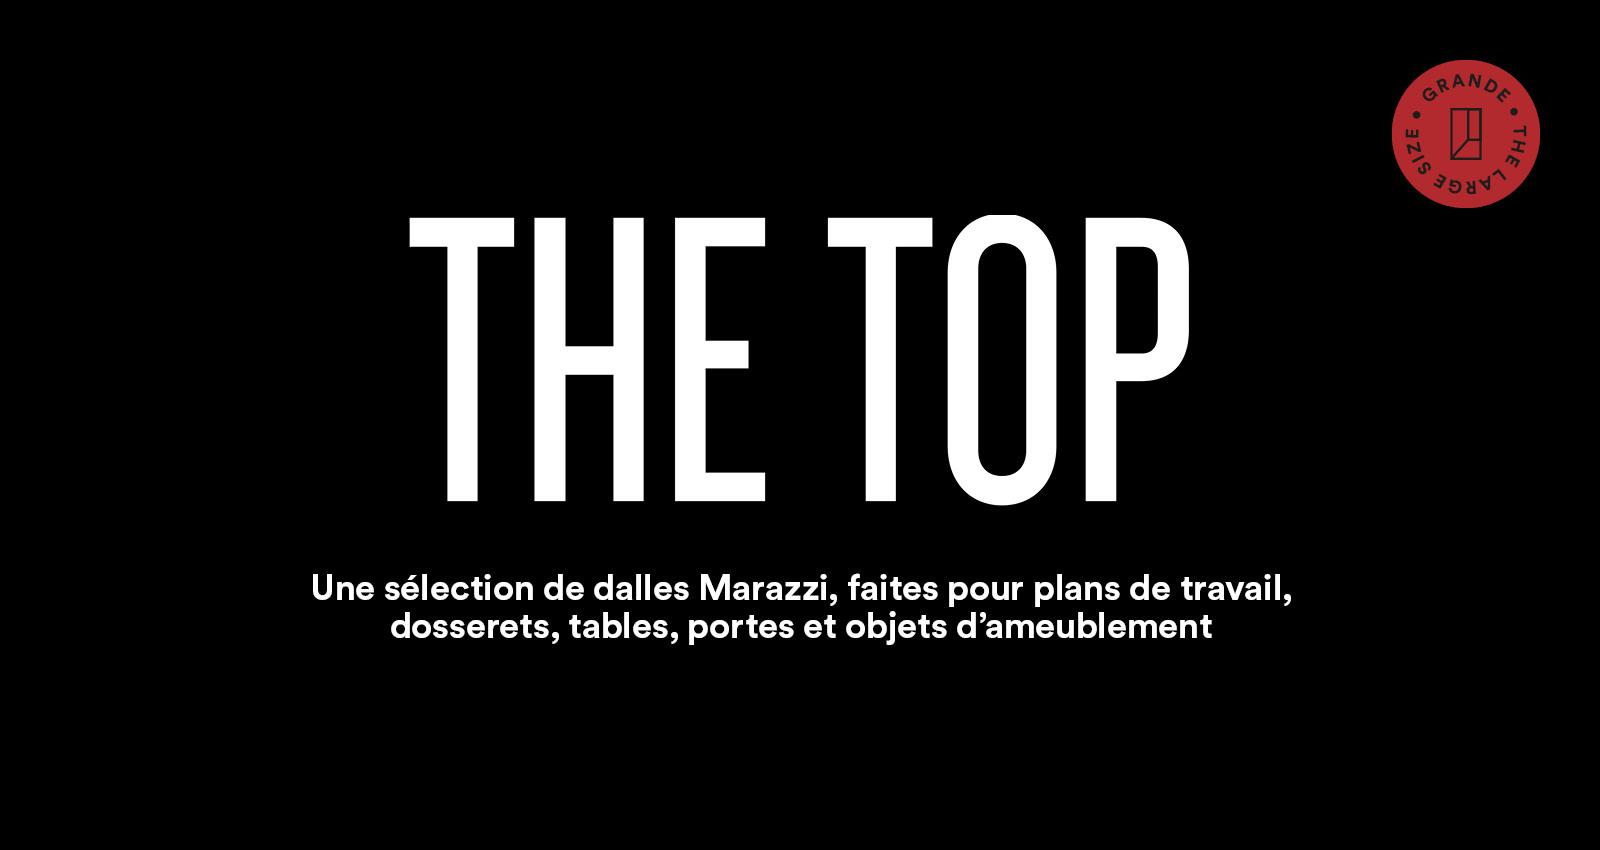 marazzi thetop hp fr